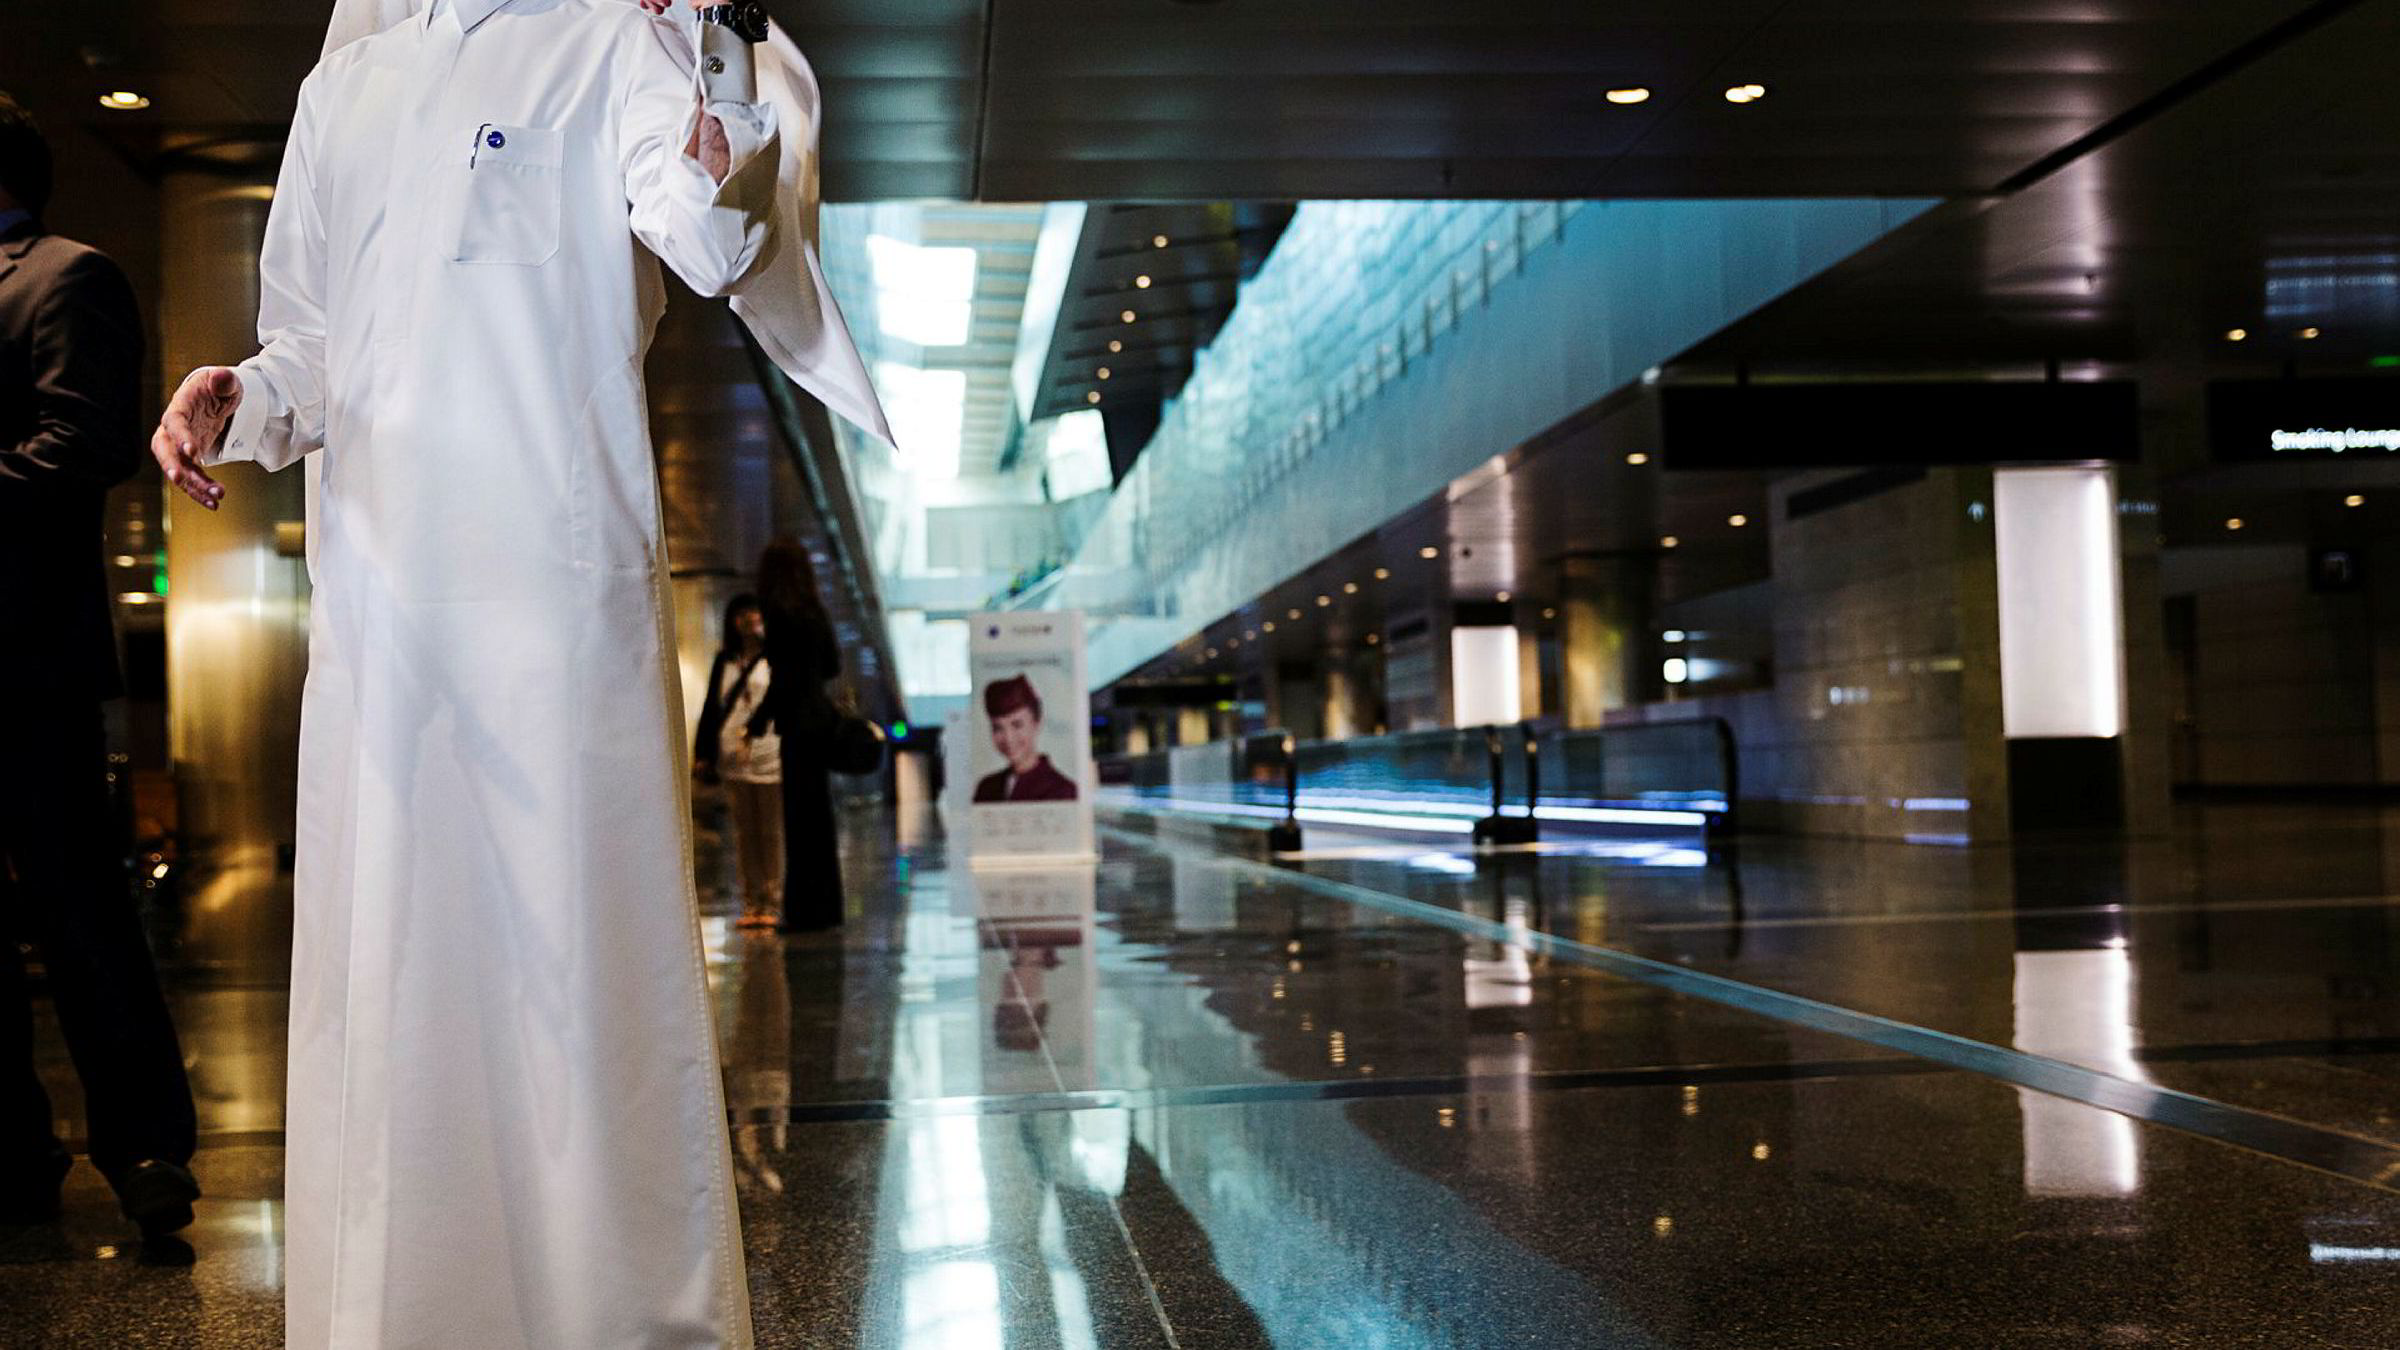 Toppsjef Akbar Al Baker i Qatar Airways, største eier i International Airlines Group og British Airways, sier en kvinnelig toppsjef i flybransjen er feil. Her fra hovedflyplassen i Doha i Qatar i 2013.